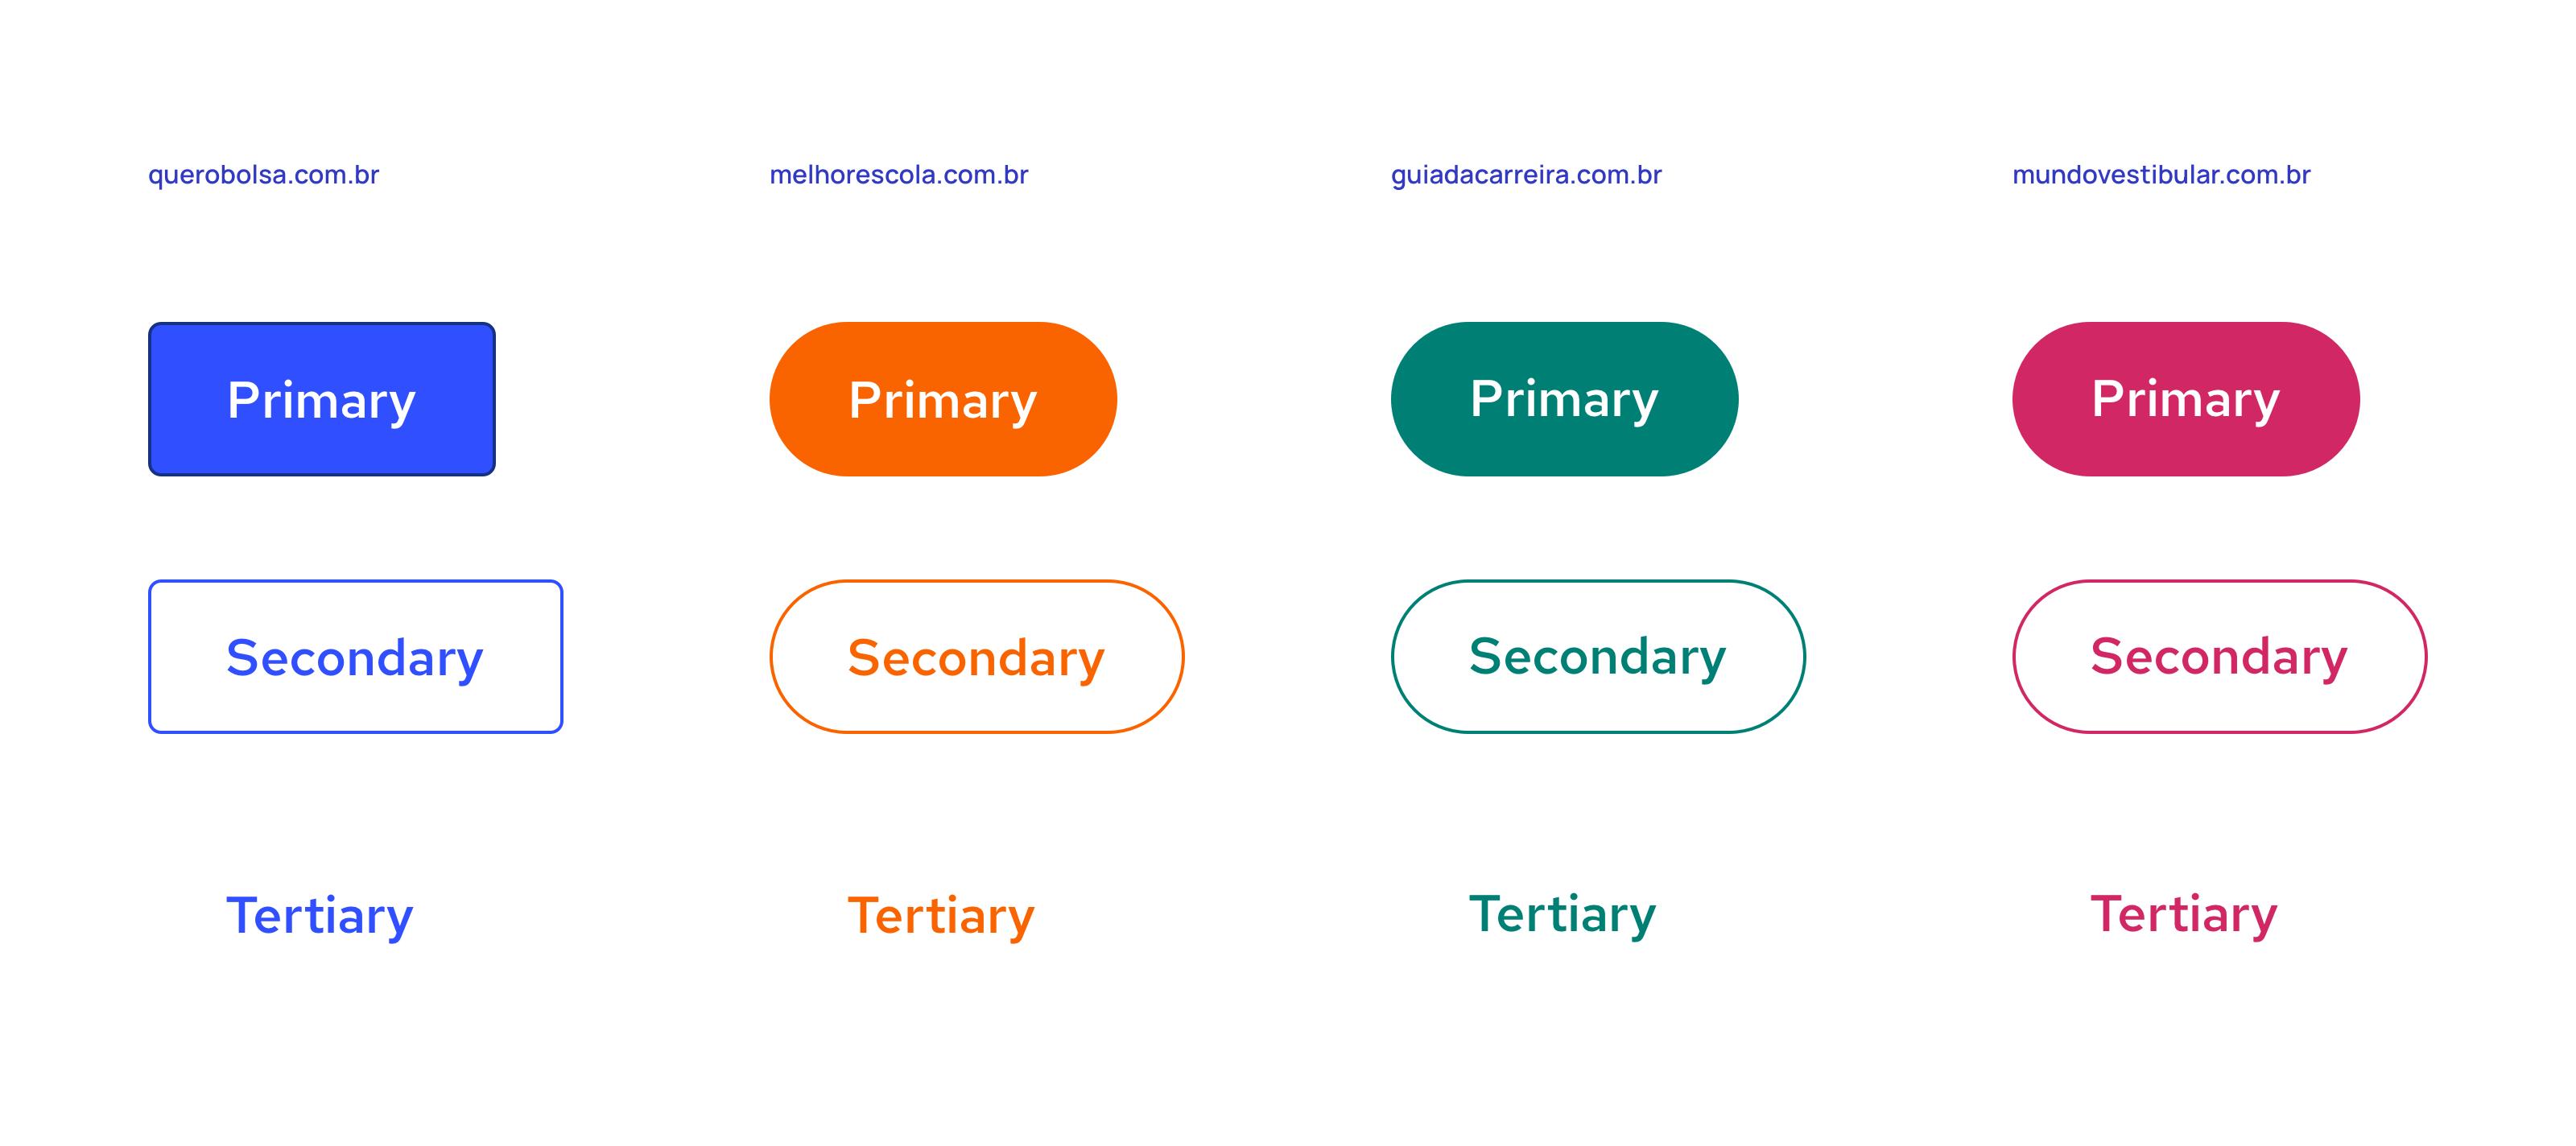 Exemplos de botões em diferentes temas. Cores e formatos se diferenciam.